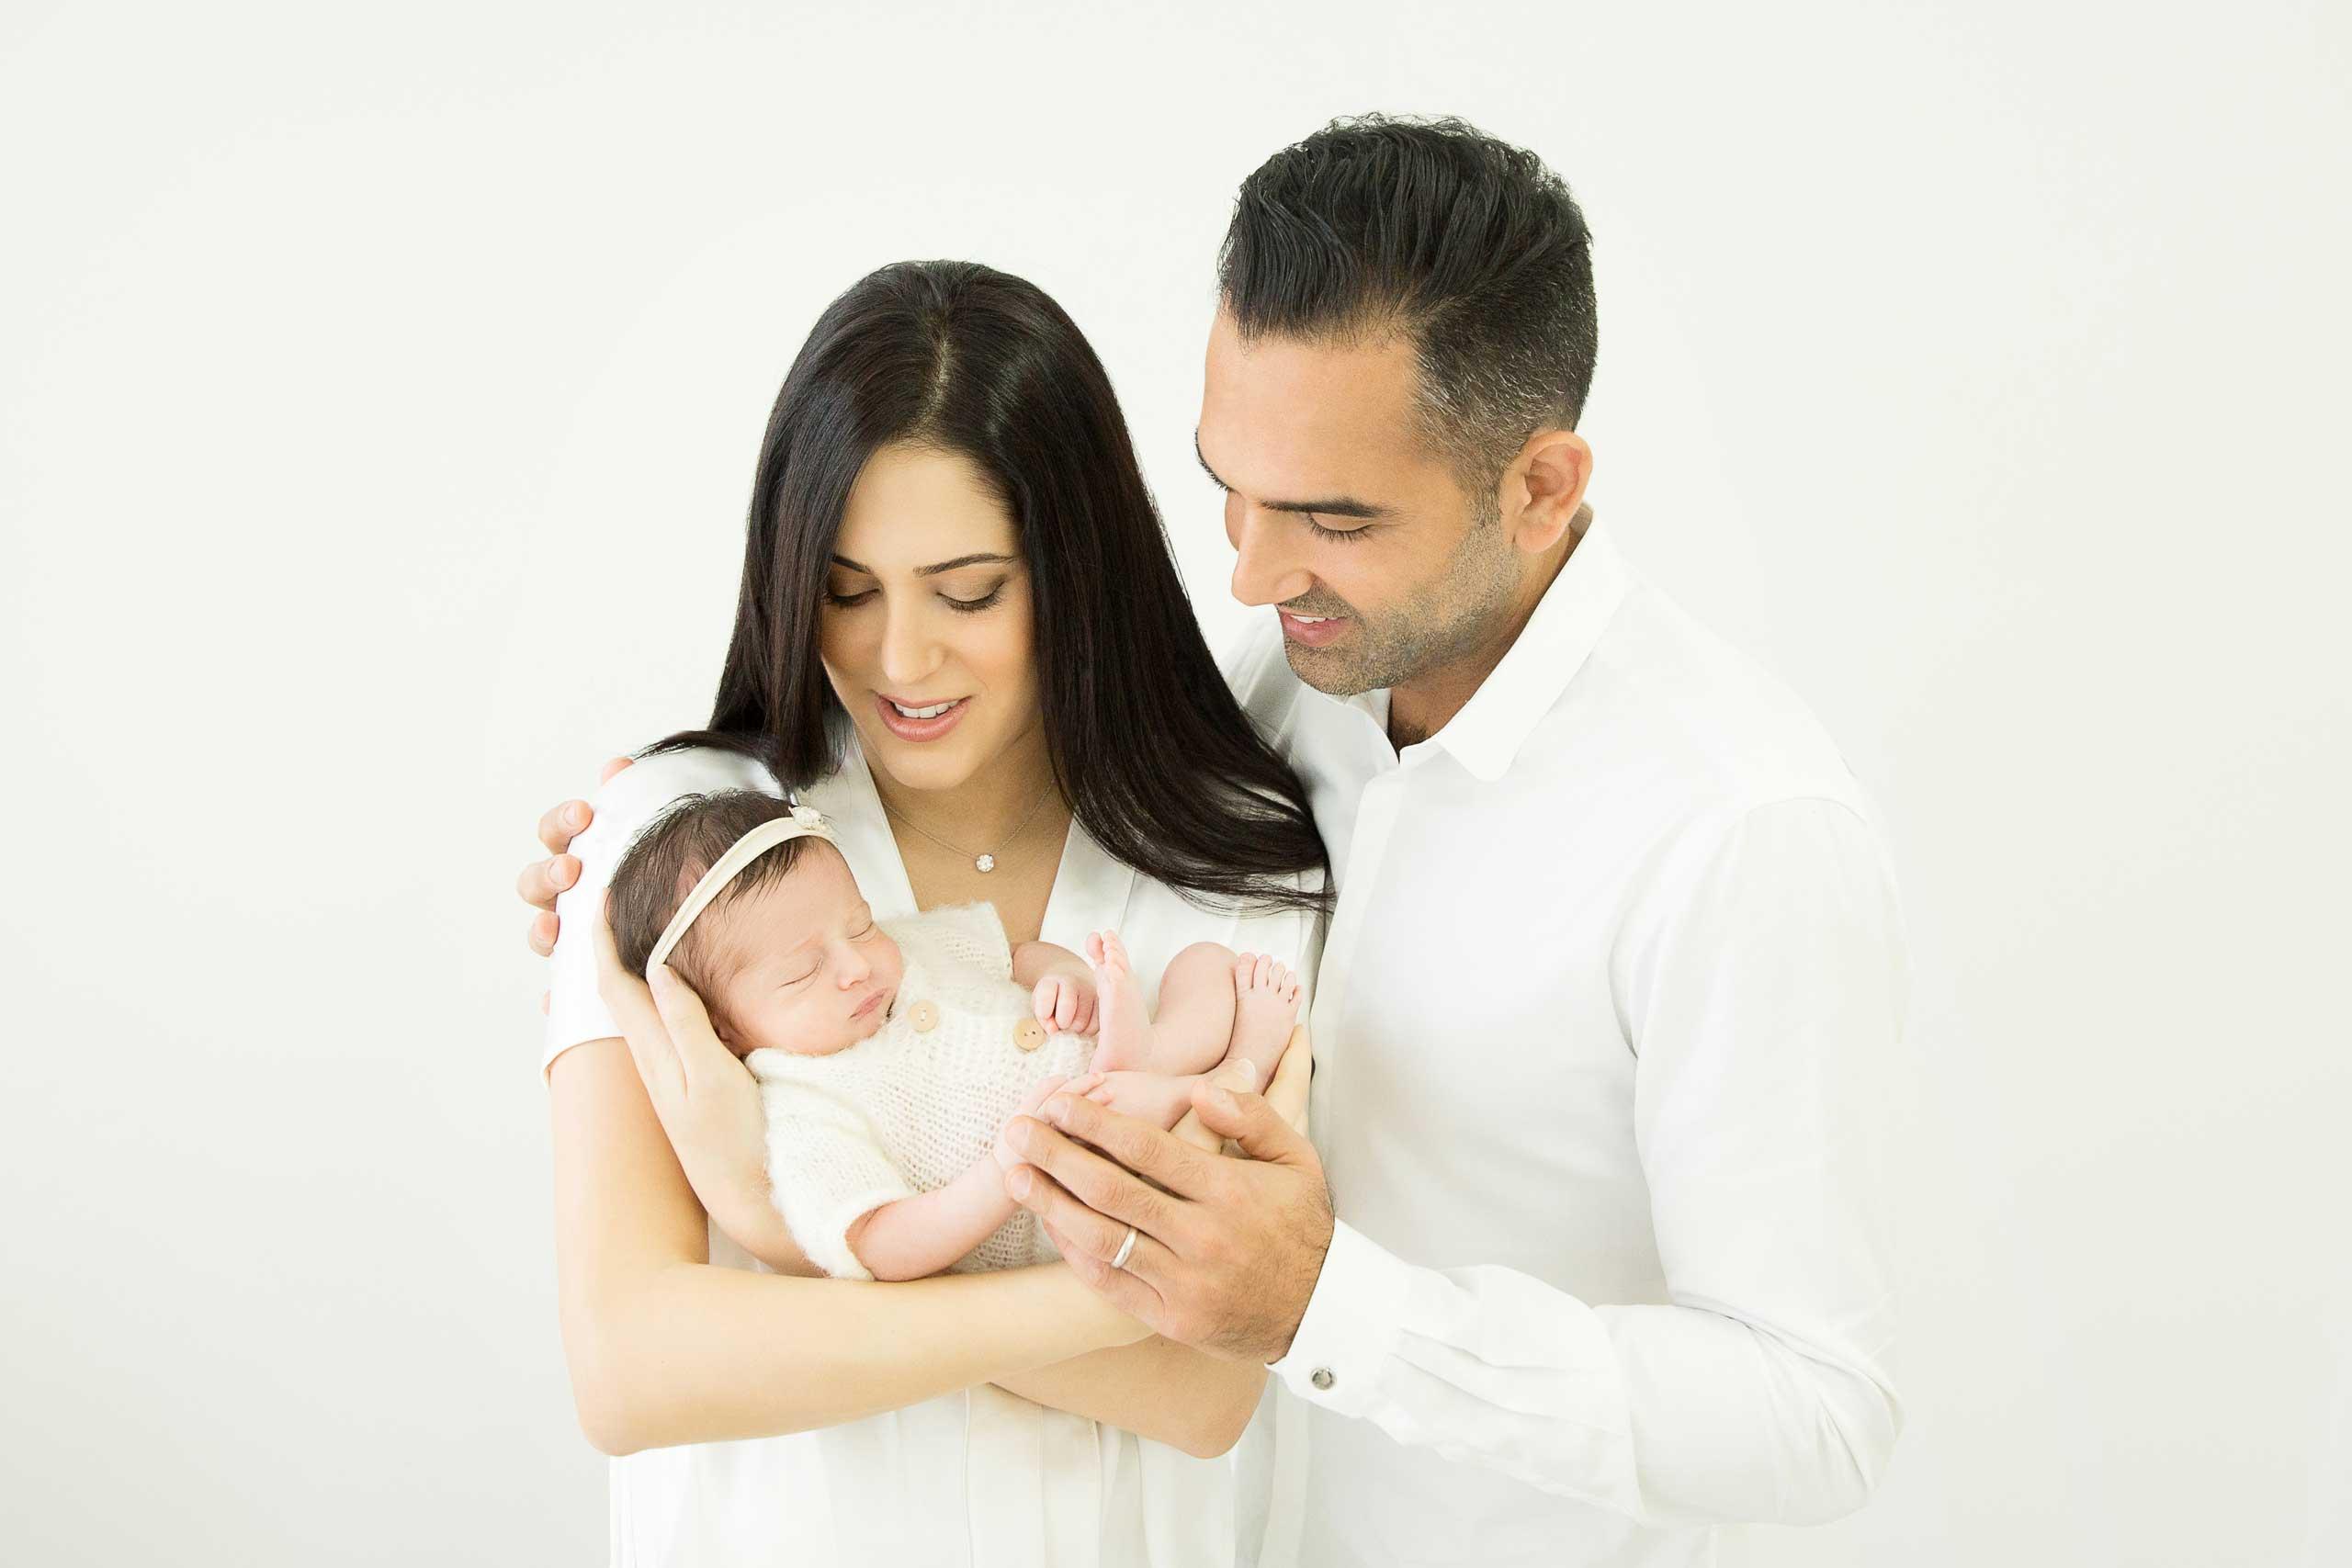 Newborn Baby Family Photography Los Angeles Ramina Magid